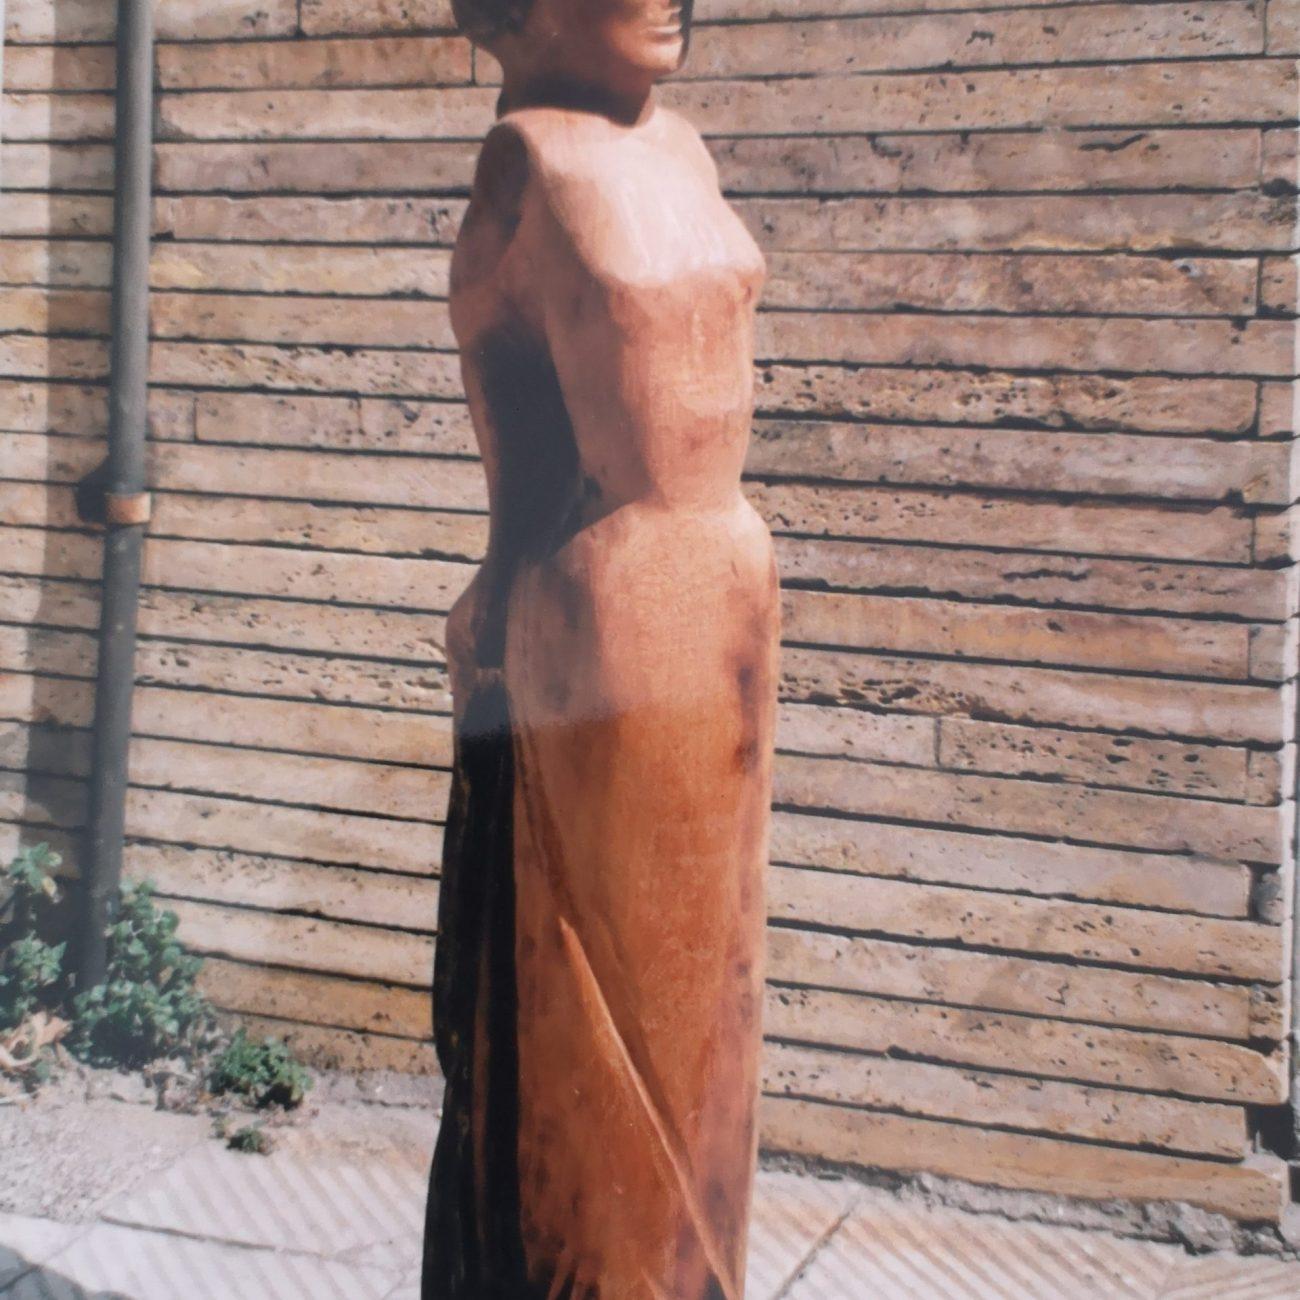 Mısırlı Venüs  Teknik:Gürgen  Ölçü:86x16x10 cm  Fiyat:15000 TL